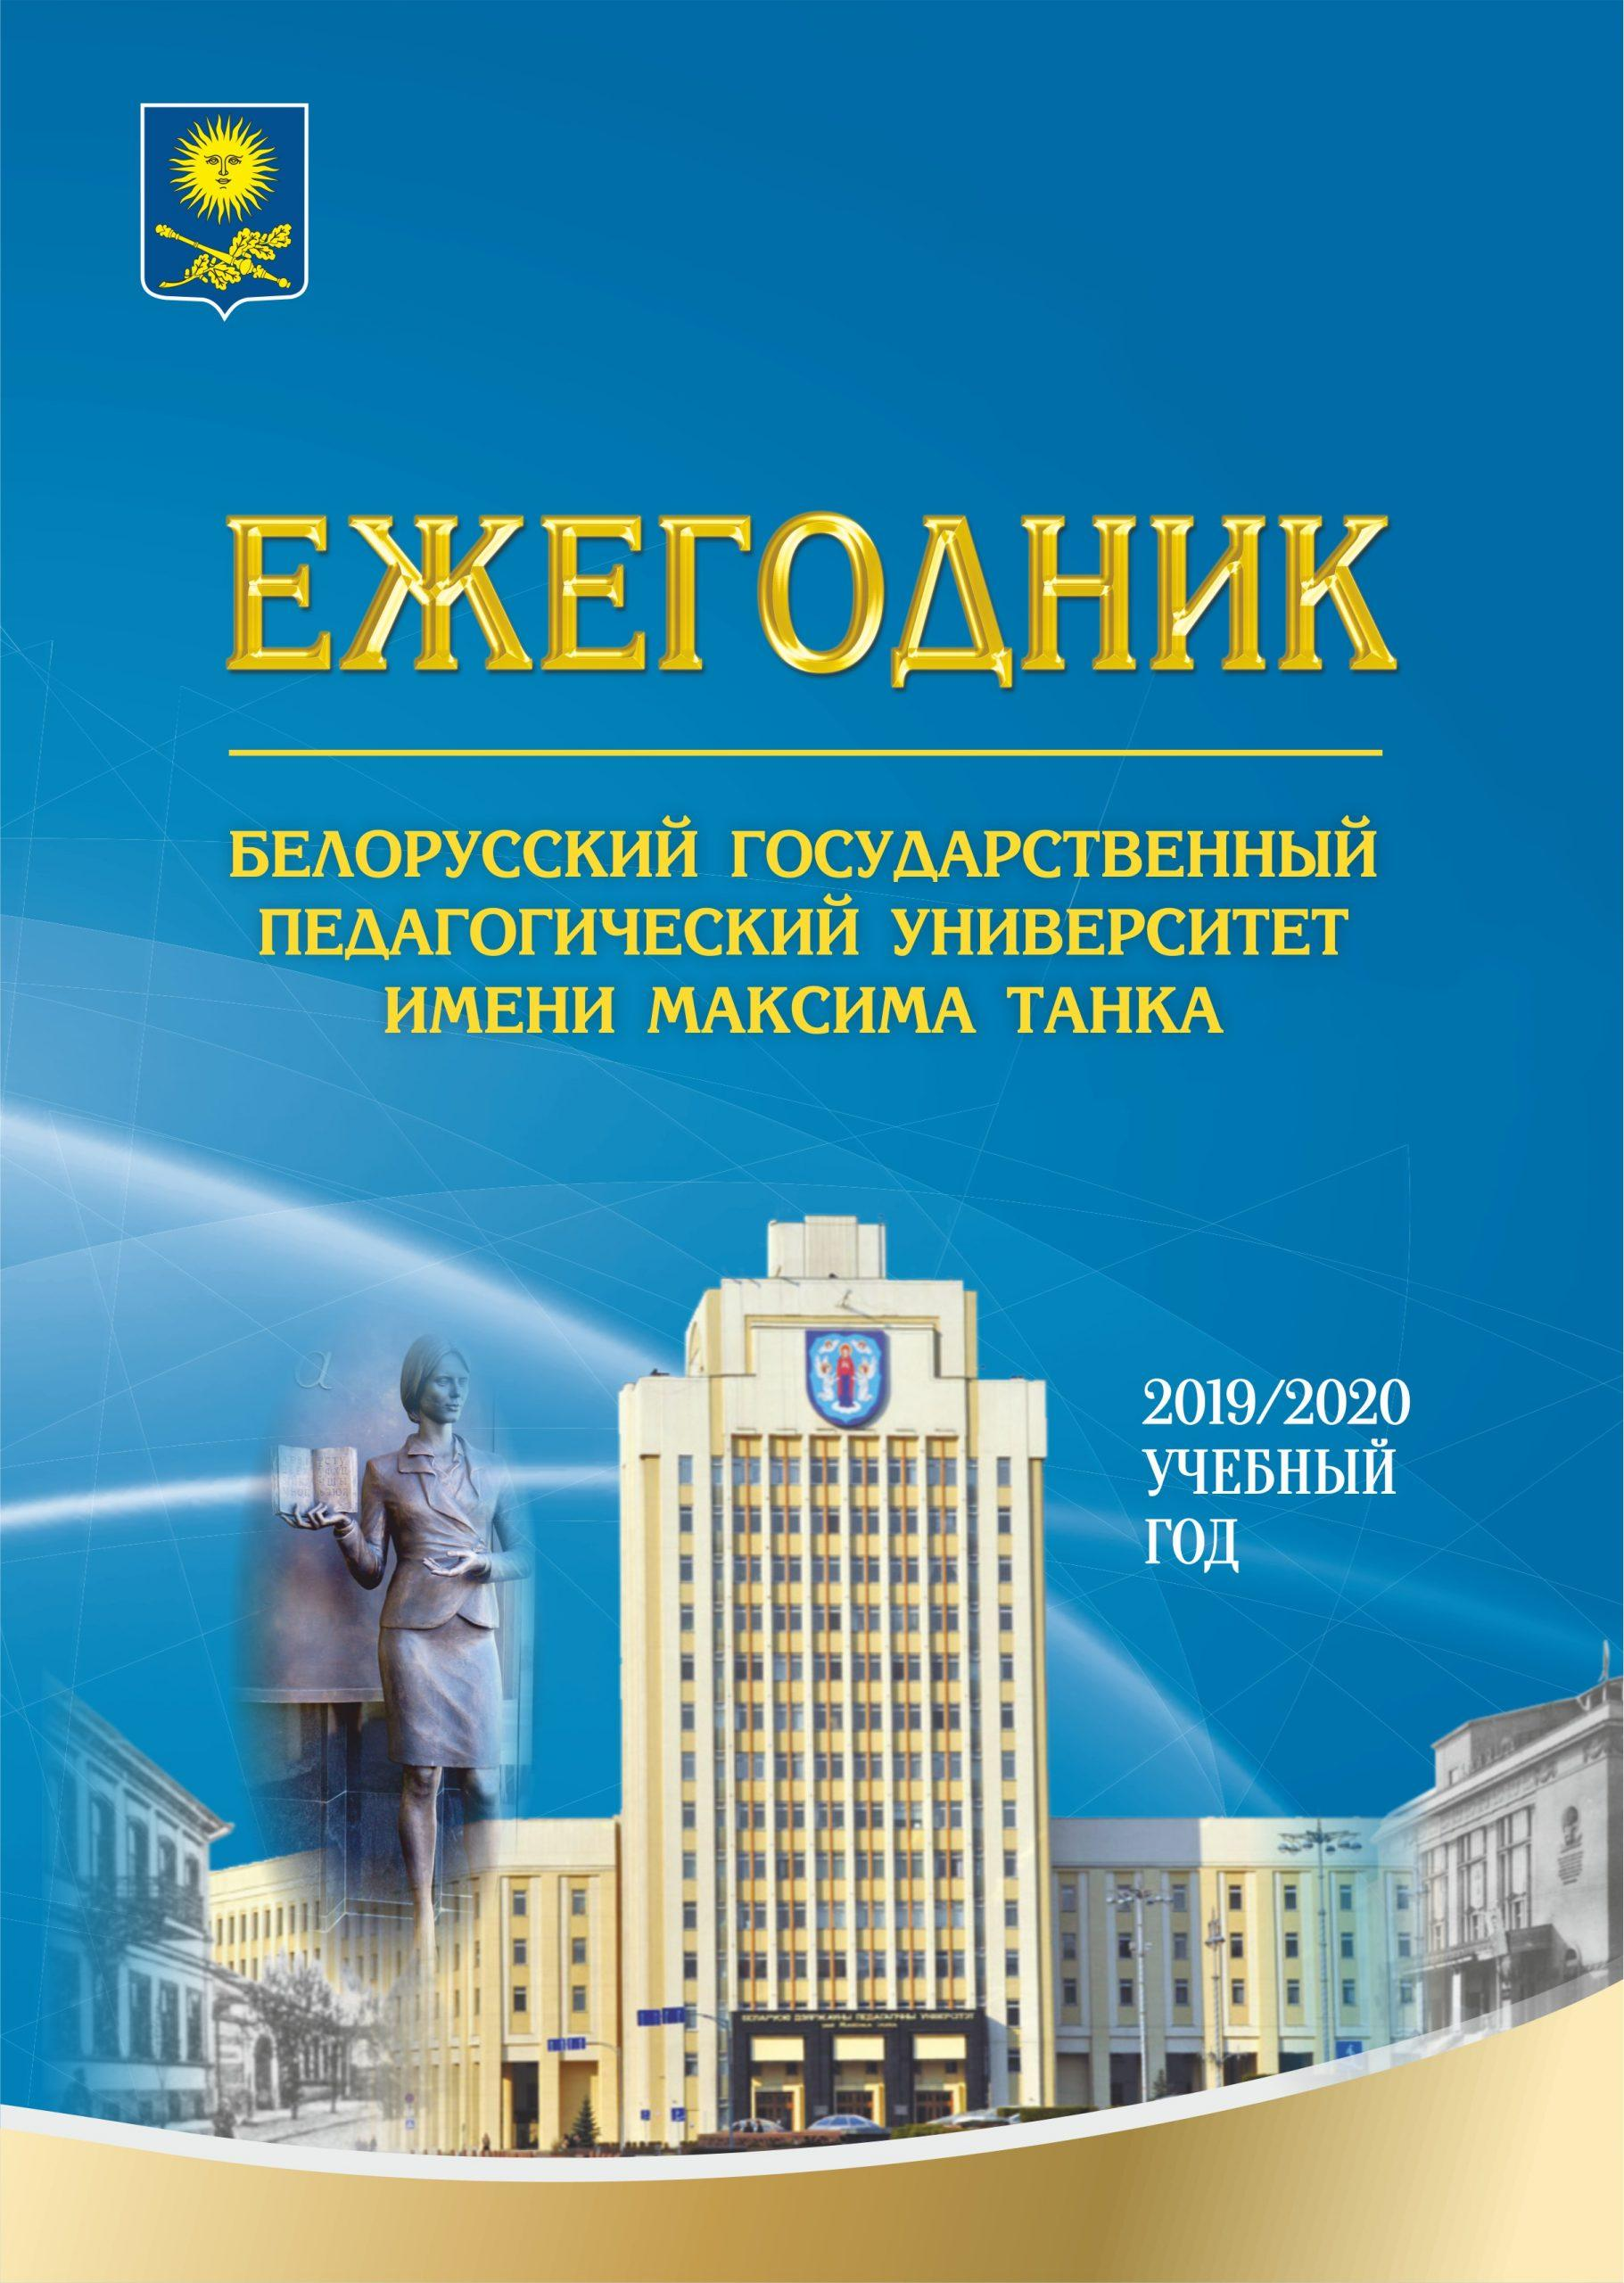 Ежегодник БГПУ 2019/2020 учебный год